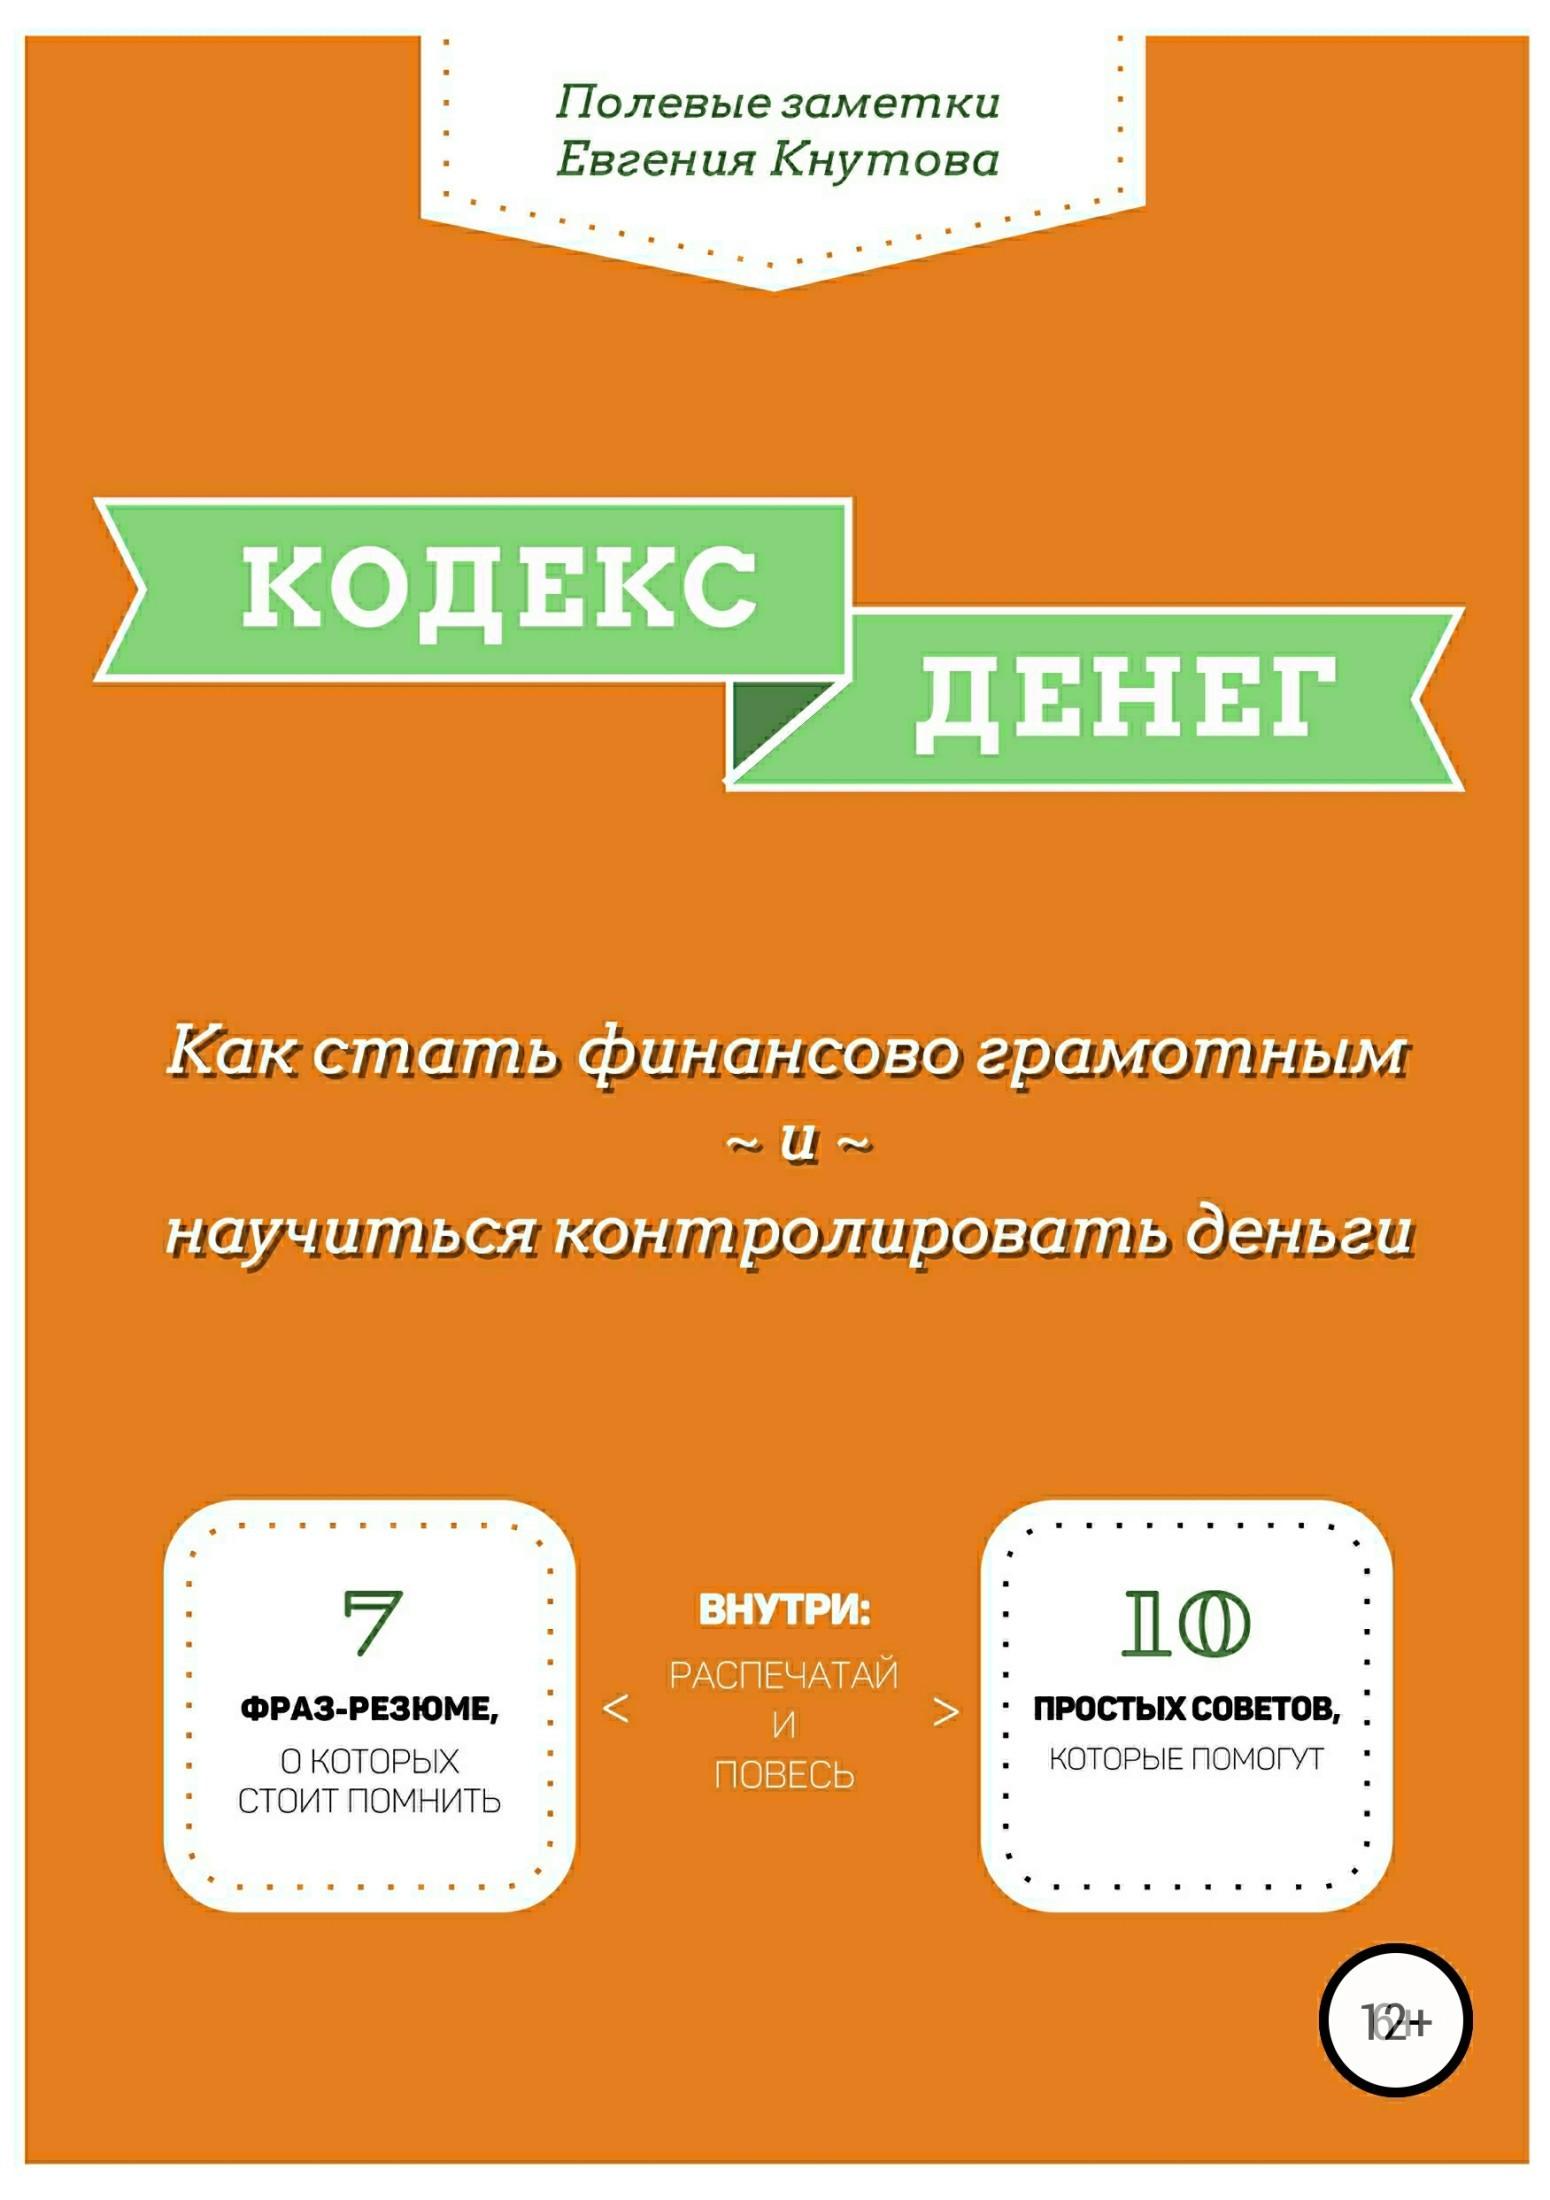 Обложка книги. Автор - Евгений Кнутов